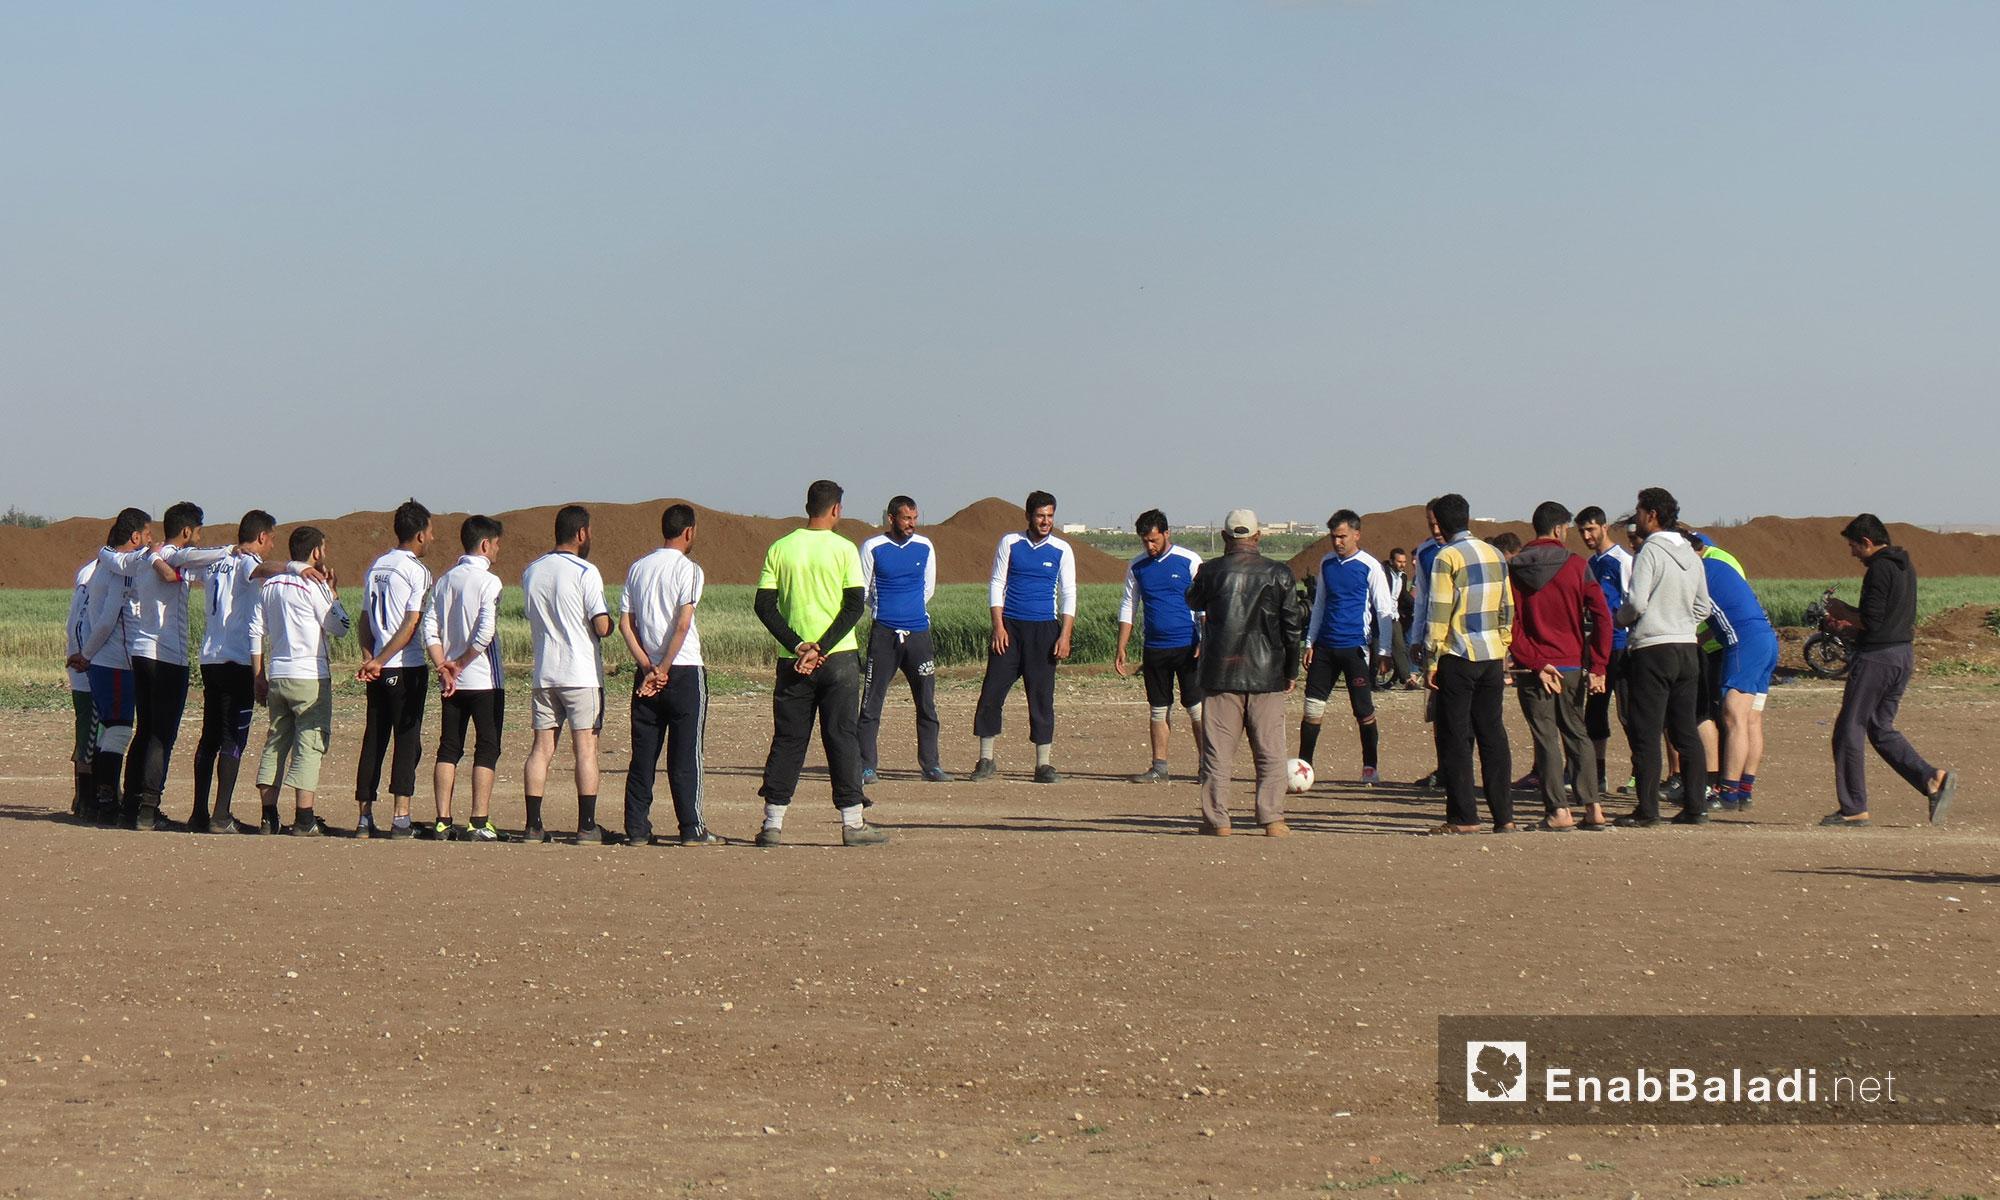 دوري كرة القدم في ملعب دابق بين فريقي دابق ومارع - 8 أيار 2017 (عنب بلدي)